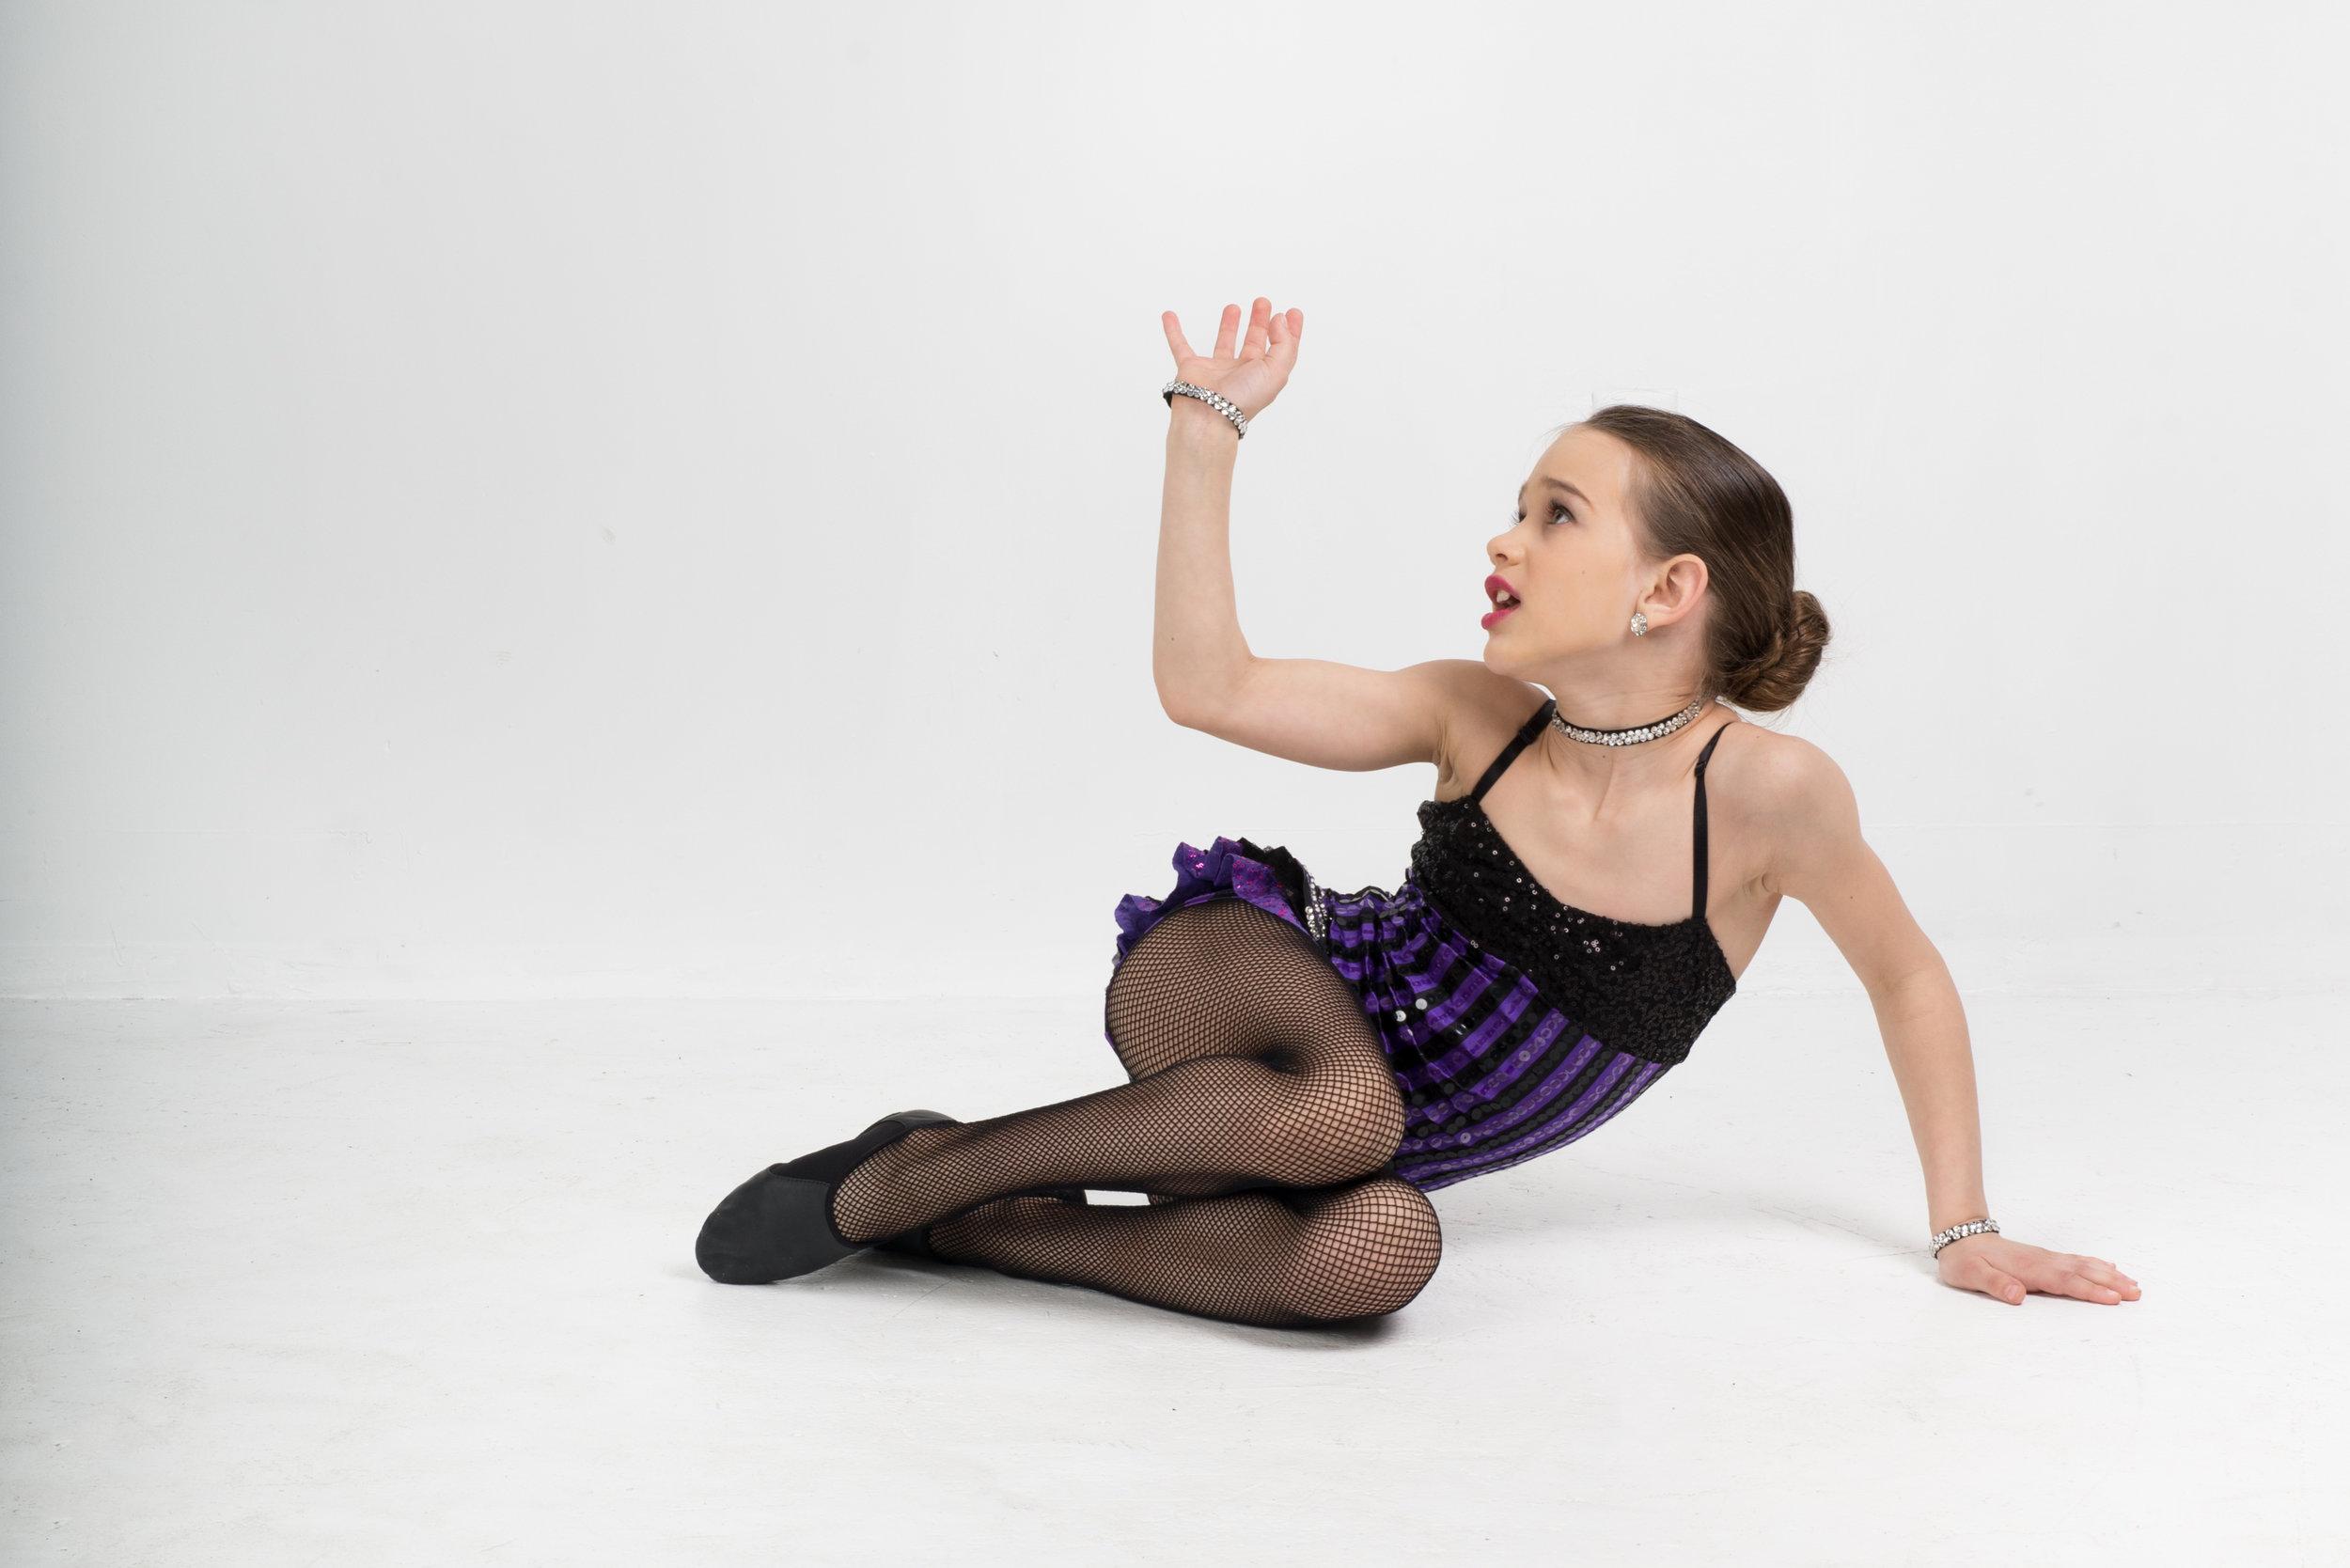 Minnesota dancer